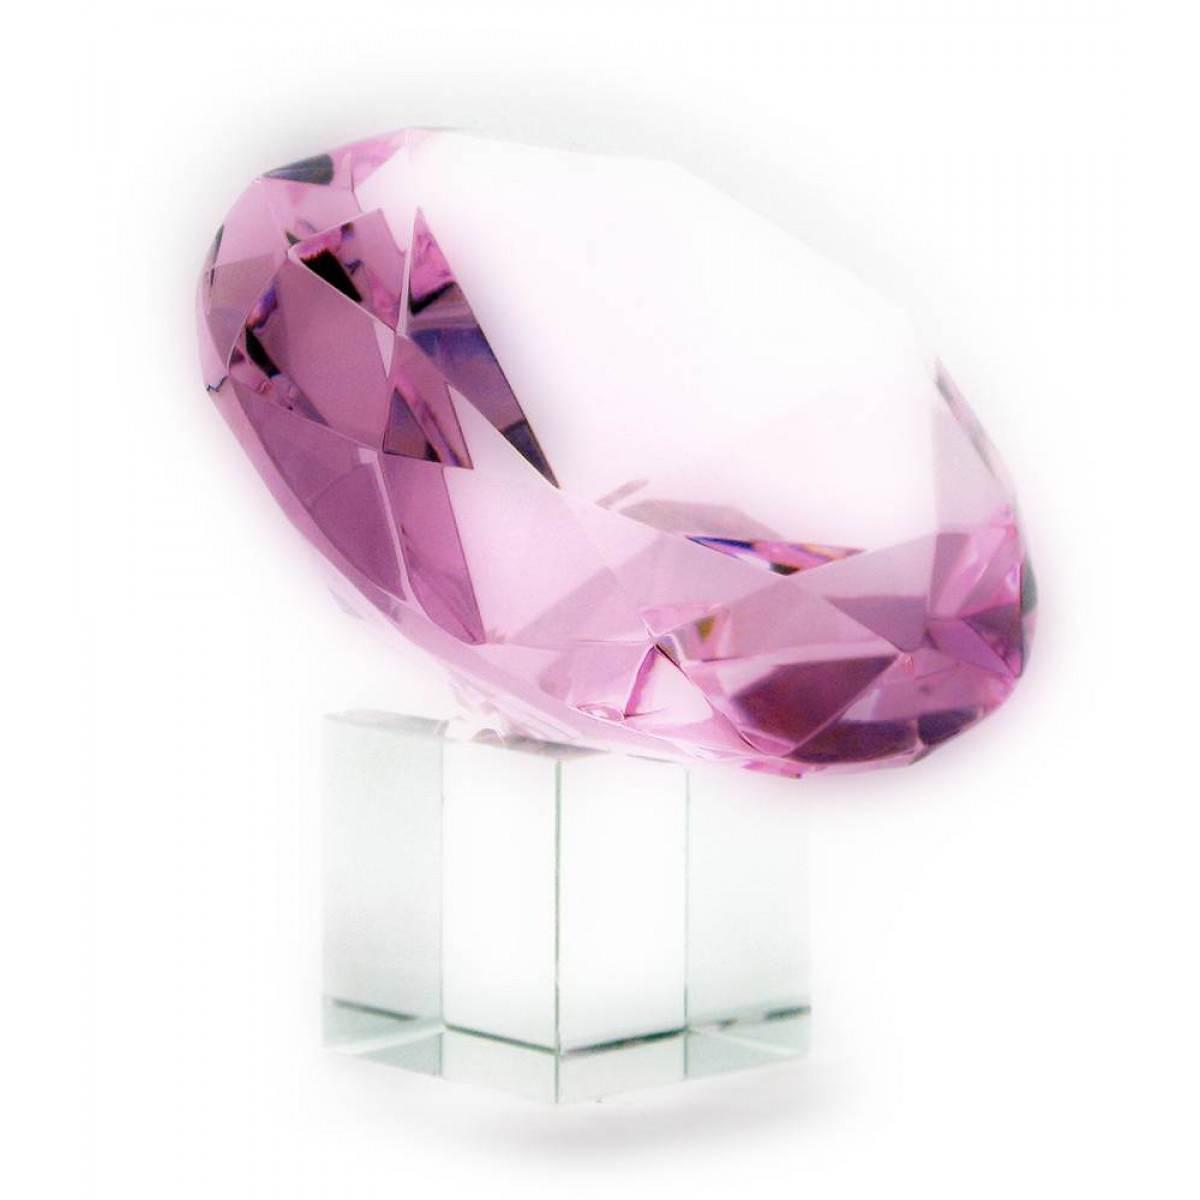 Кристалл хрустальный розовый (10см) ( 21350)